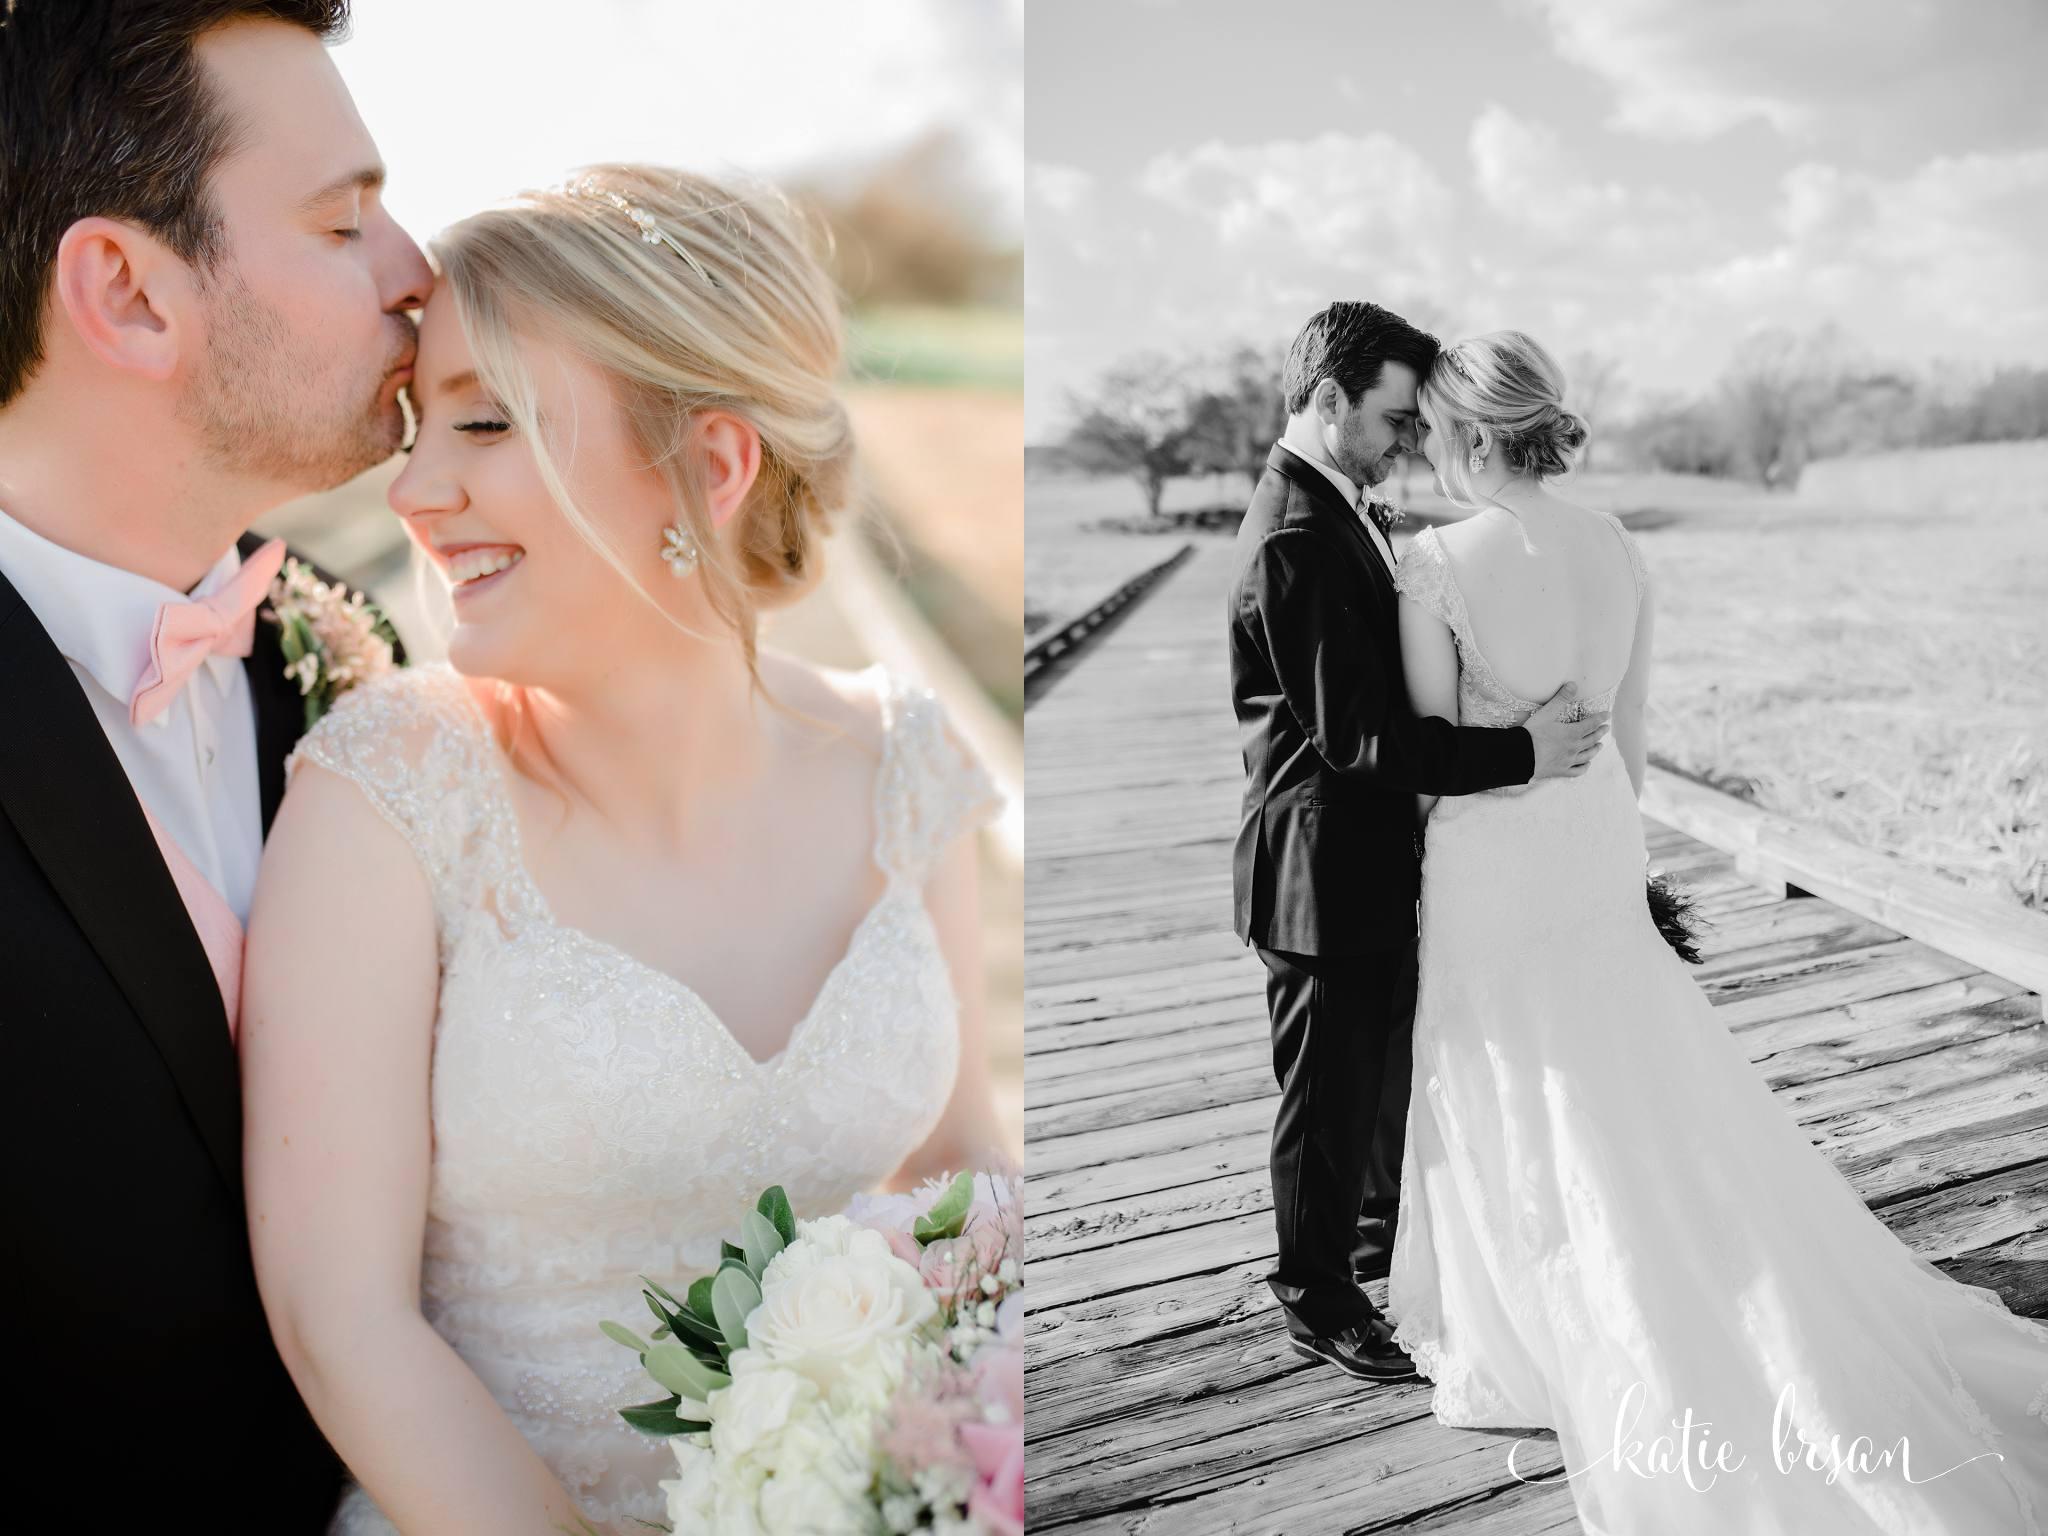 Mokena_Lemont_Wedding_Ruffled_Feathers_Wedding_1386.jpg